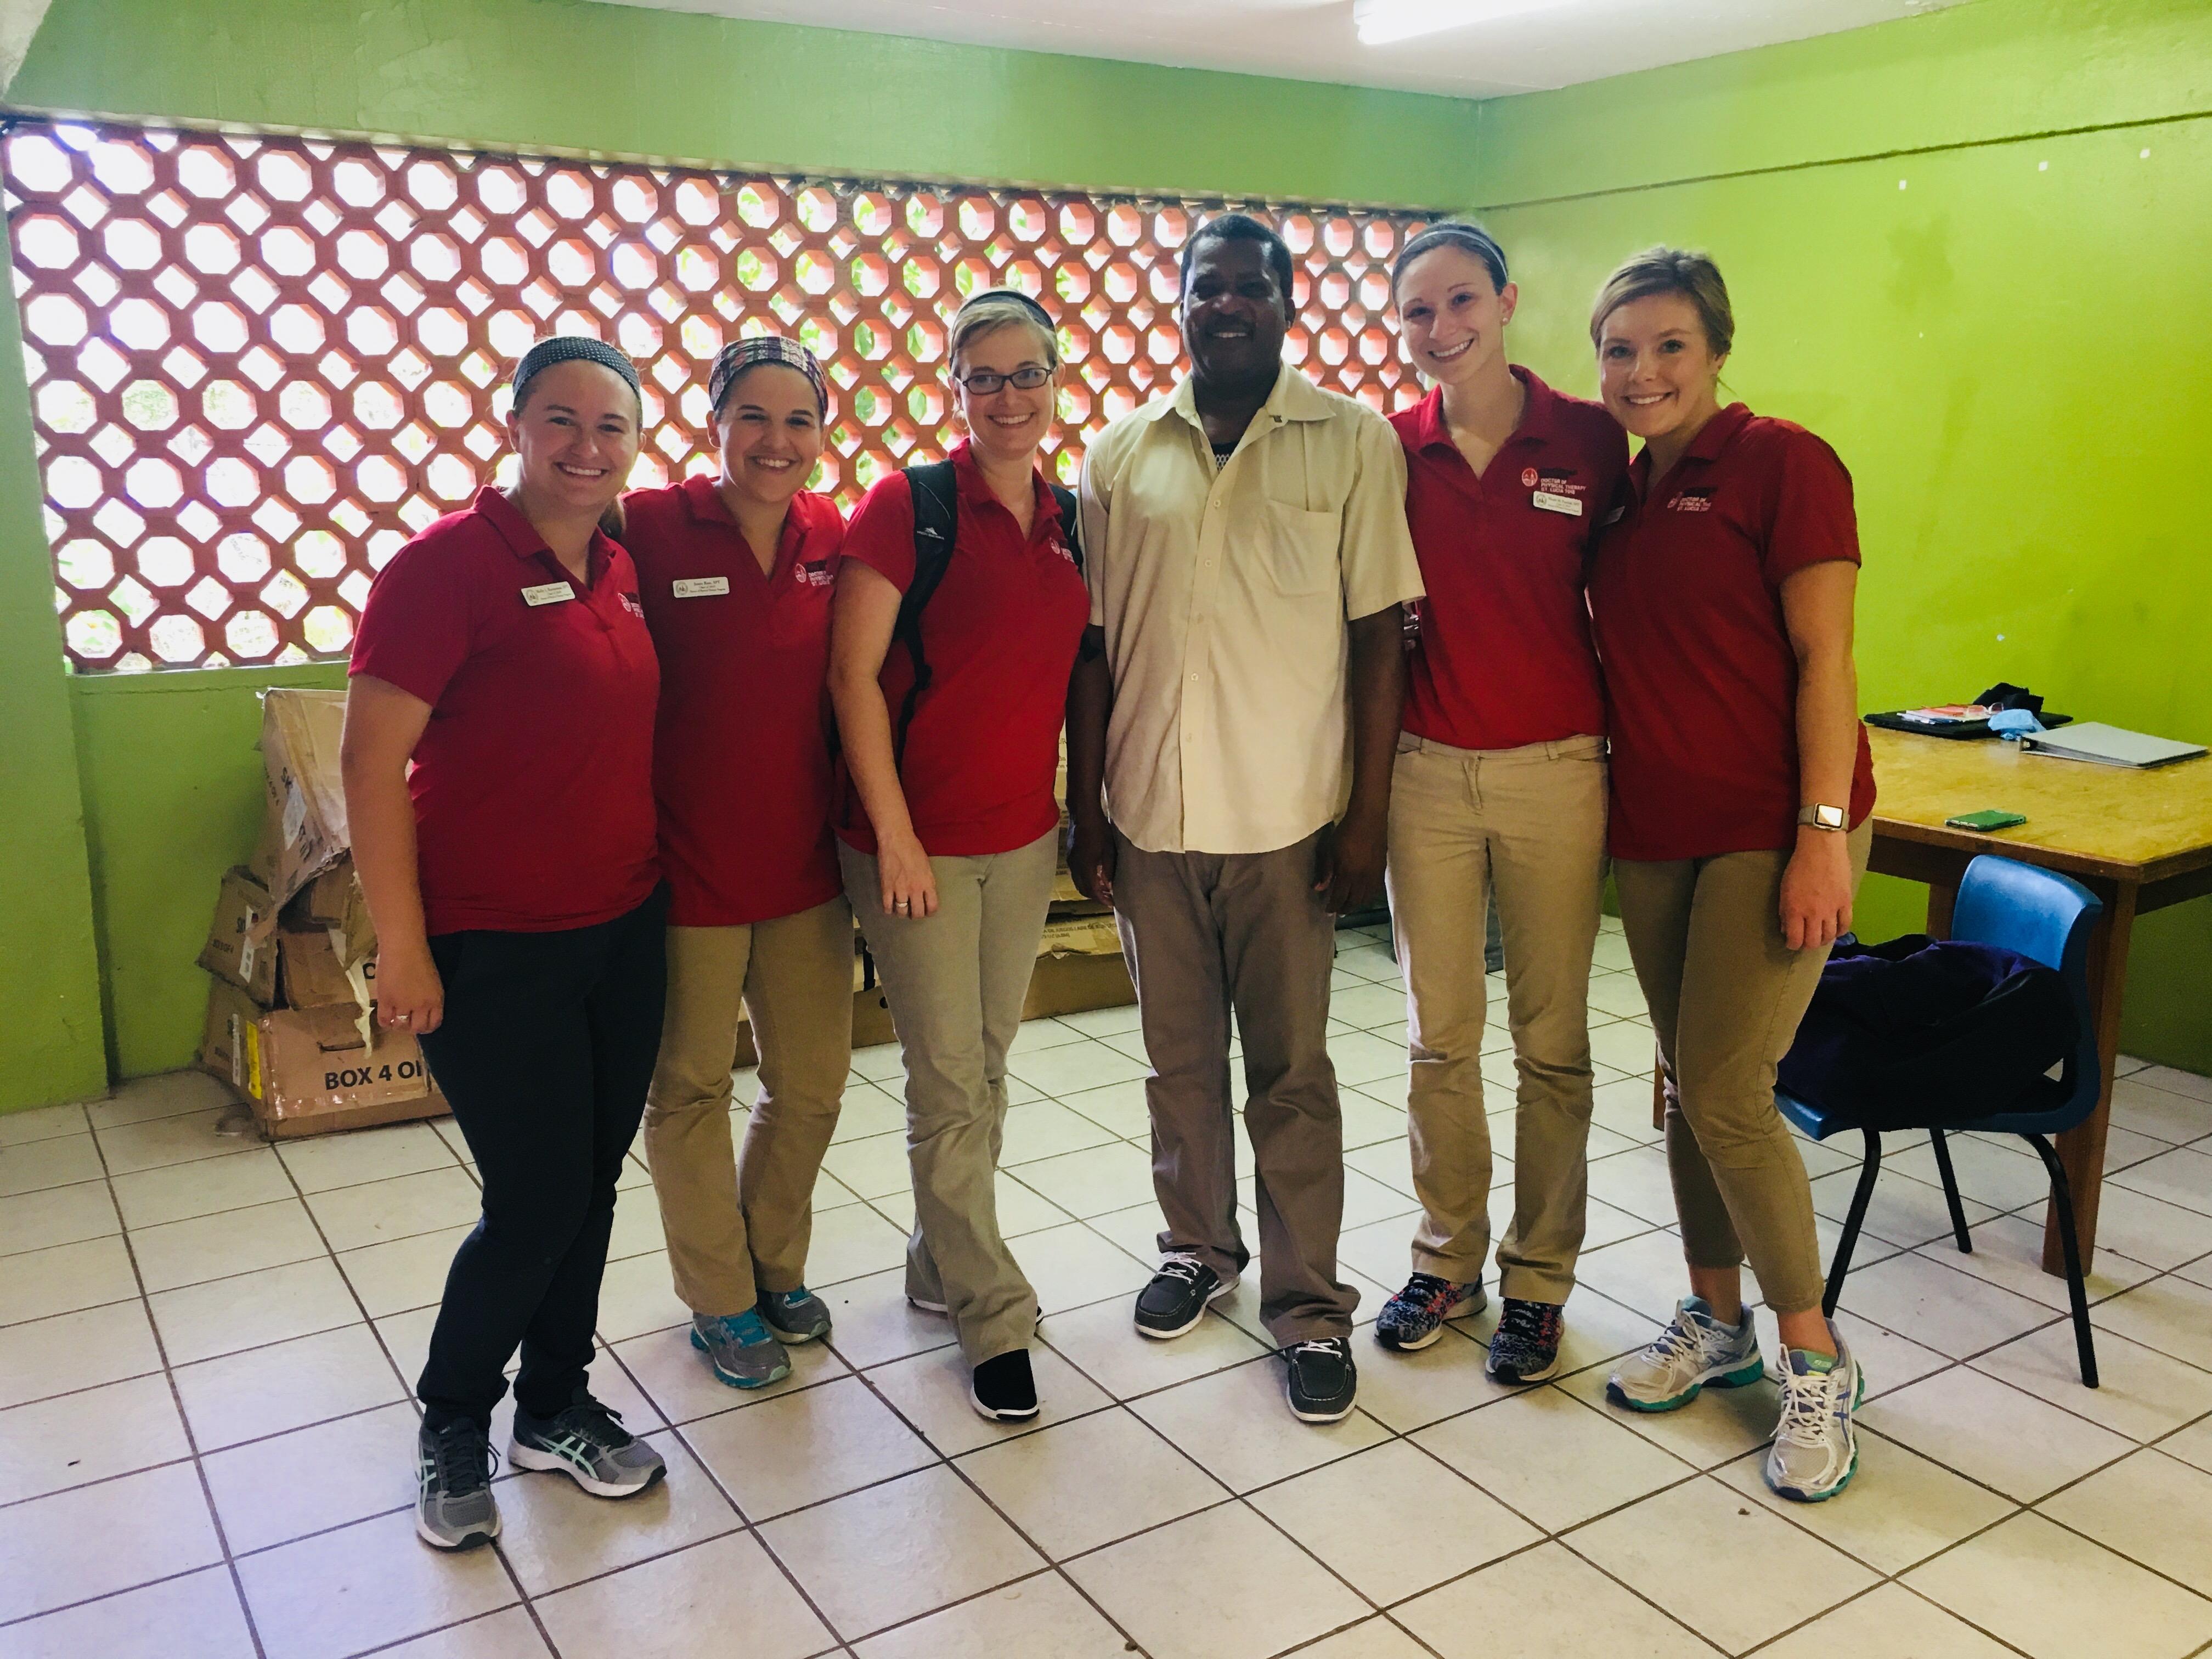 DPT-St. Lucia trip